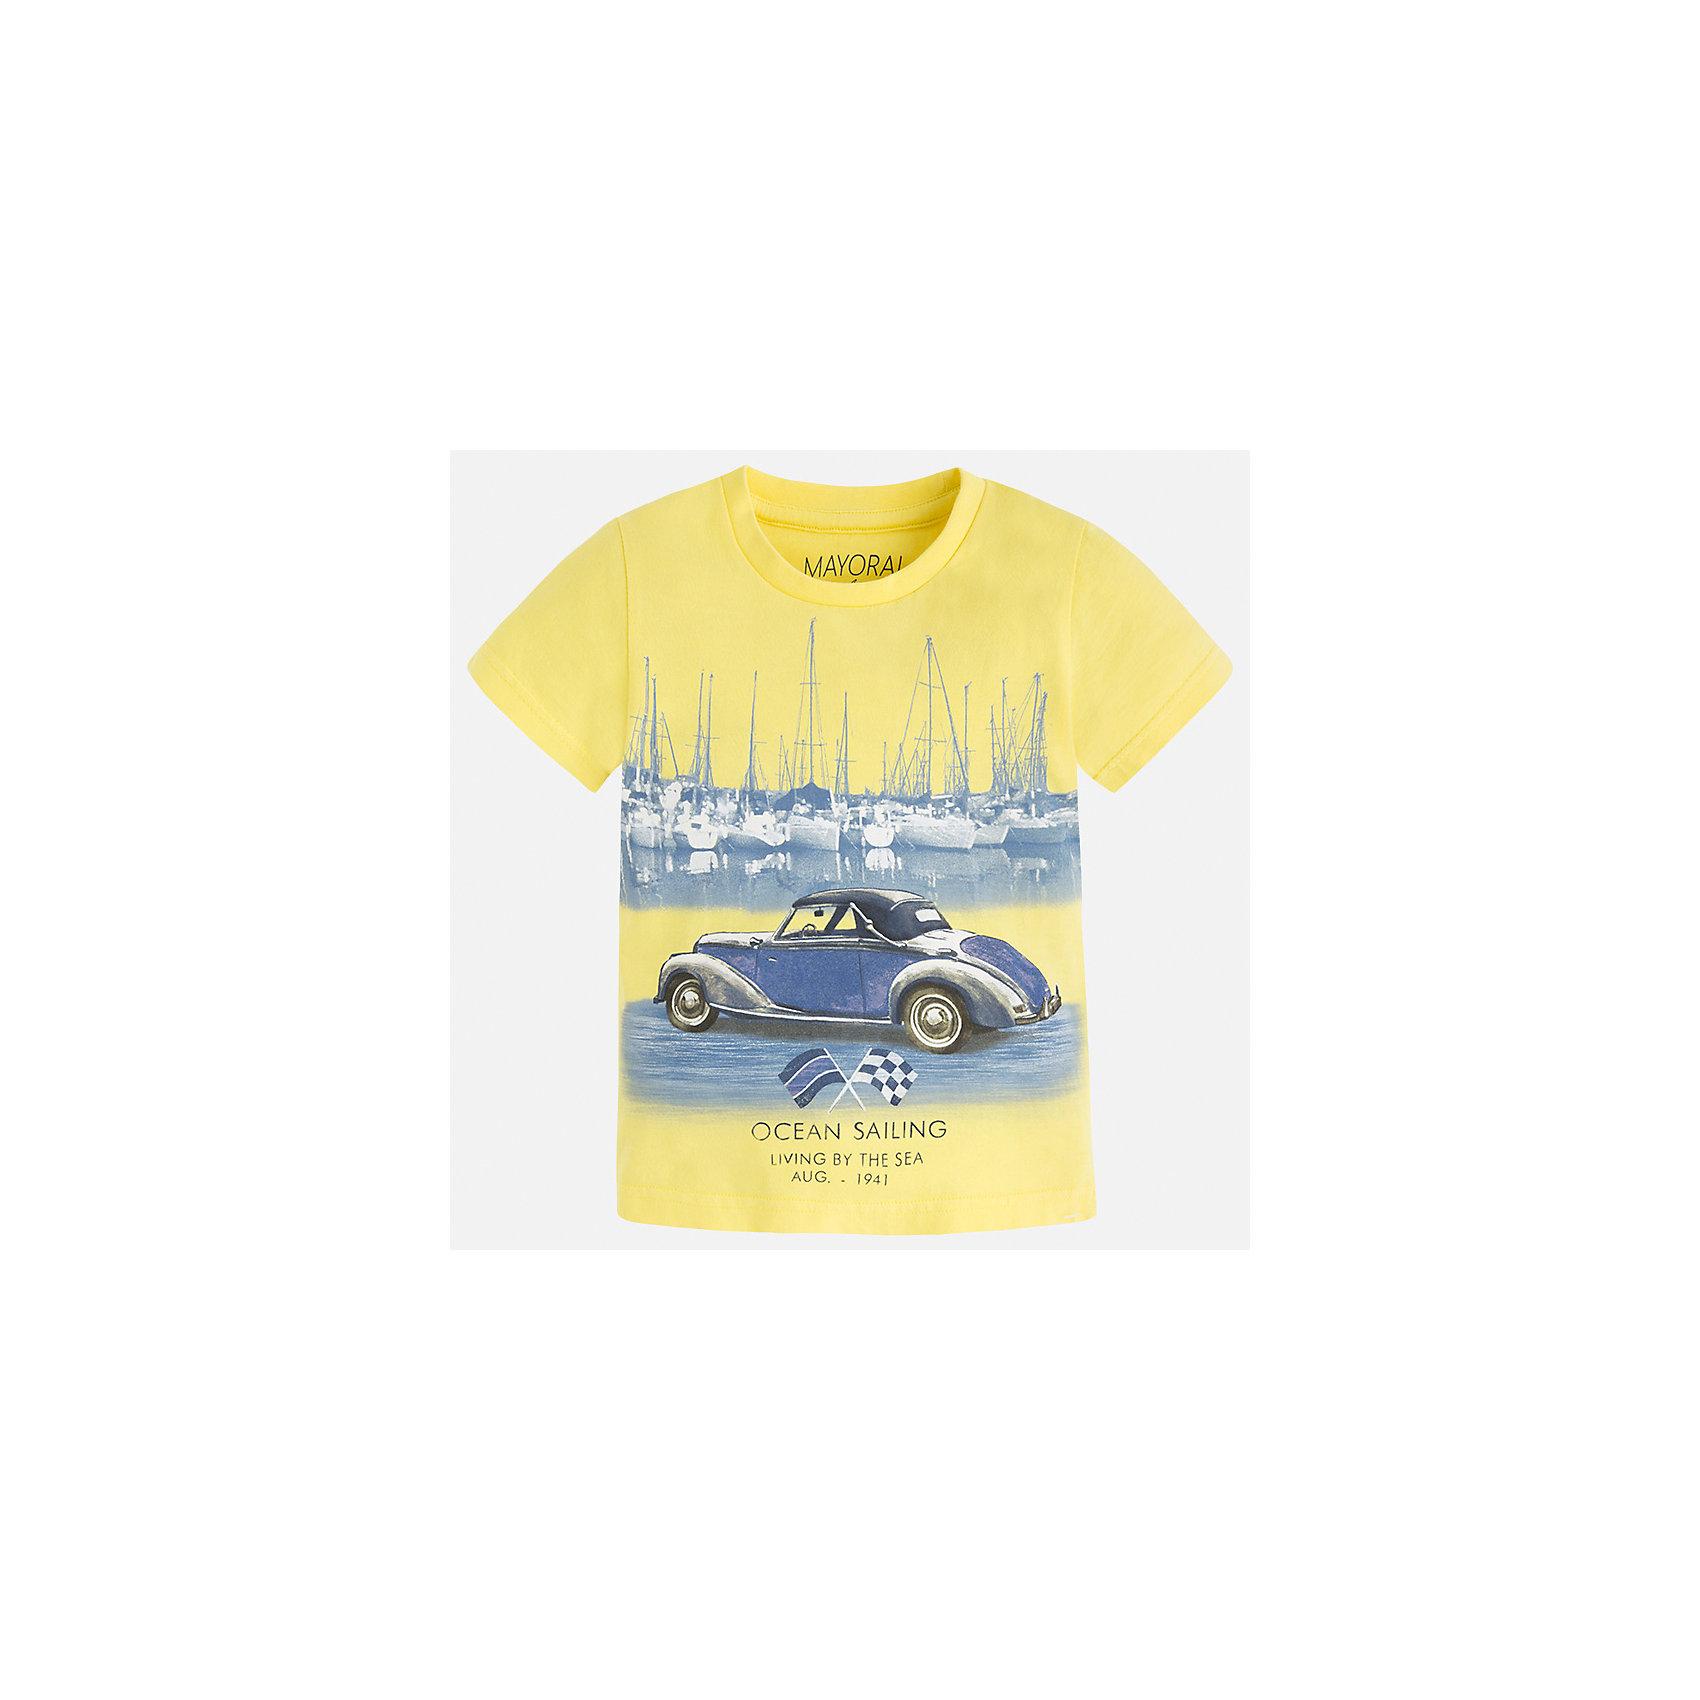 Футболка для мальчика MayoralХарактеристики товара:<br><br>• цвет: желтый<br>• состав: 100% хлопок<br>• круглый горловой вырез<br>• принт впереди<br>• короткие рукава<br>• отделка горловины<br>• страна бренда: Испания<br><br>Стильная футболка с принтом поможет разнообразить гардероб мальчика. Она отлично сочетается с брюками, шортами, джинсами и т.д. Универсальный крой и цвет позволяет подобрать к вещи низ разных расцветок. Практичное и стильное изделие! В составе материала - только натуральный хлопок, гипоаллергенный, приятный на ощупь, дышащий.<br><br>Одежда, обувь и аксессуары от испанского бренда Mayoral полюбились детям и взрослым по всему миру. Модели этой марки - стильные и удобные. Для их производства используются только безопасные, качественные материалы и фурнитура. Порадуйте ребенка модными и красивыми вещами от Mayoral! <br><br>Футболку для мальчика от испанского бренда Mayoral (Майорал) можно купить в нашем интернет-магазине.<br><br>Ширина мм: 199<br>Глубина мм: 10<br>Высота мм: 161<br>Вес г: 151<br>Цвет: желтый<br>Возраст от месяцев: 18<br>Возраст до месяцев: 24<br>Пол: Мужской<br>Возраст: Детский<br>Размер: 92,134,128,122,116,110,104,98<br>SKU: 5279755